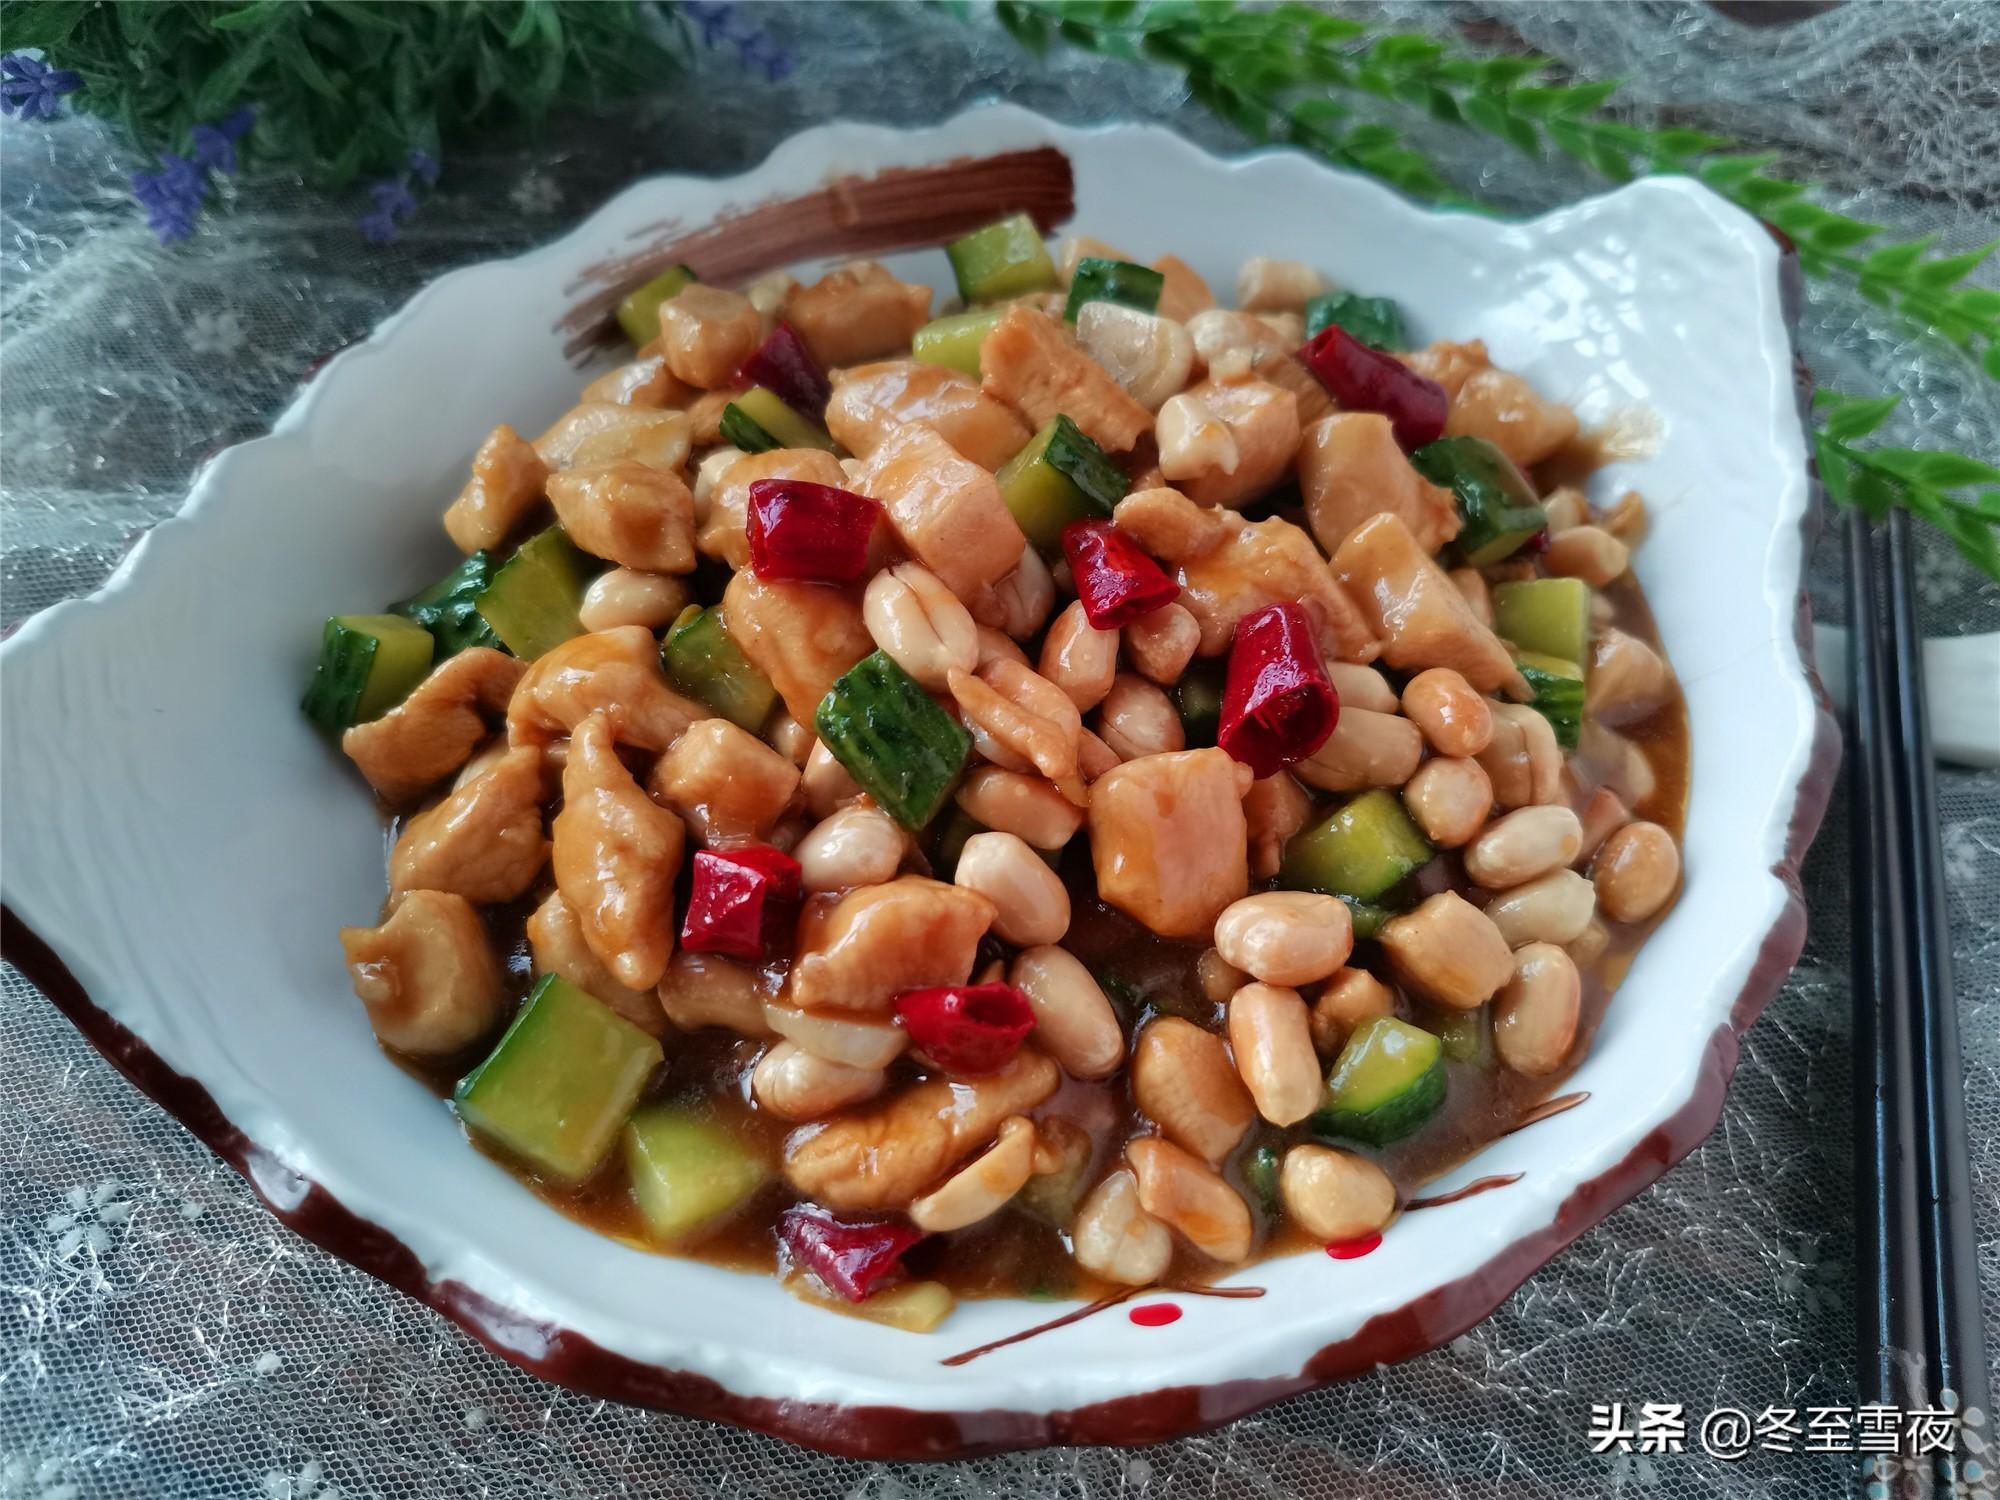 劳动节家宴,做菜不用愁,分享10道家常炒菜,有荤有素下酒又下饭 美食做法 第1张